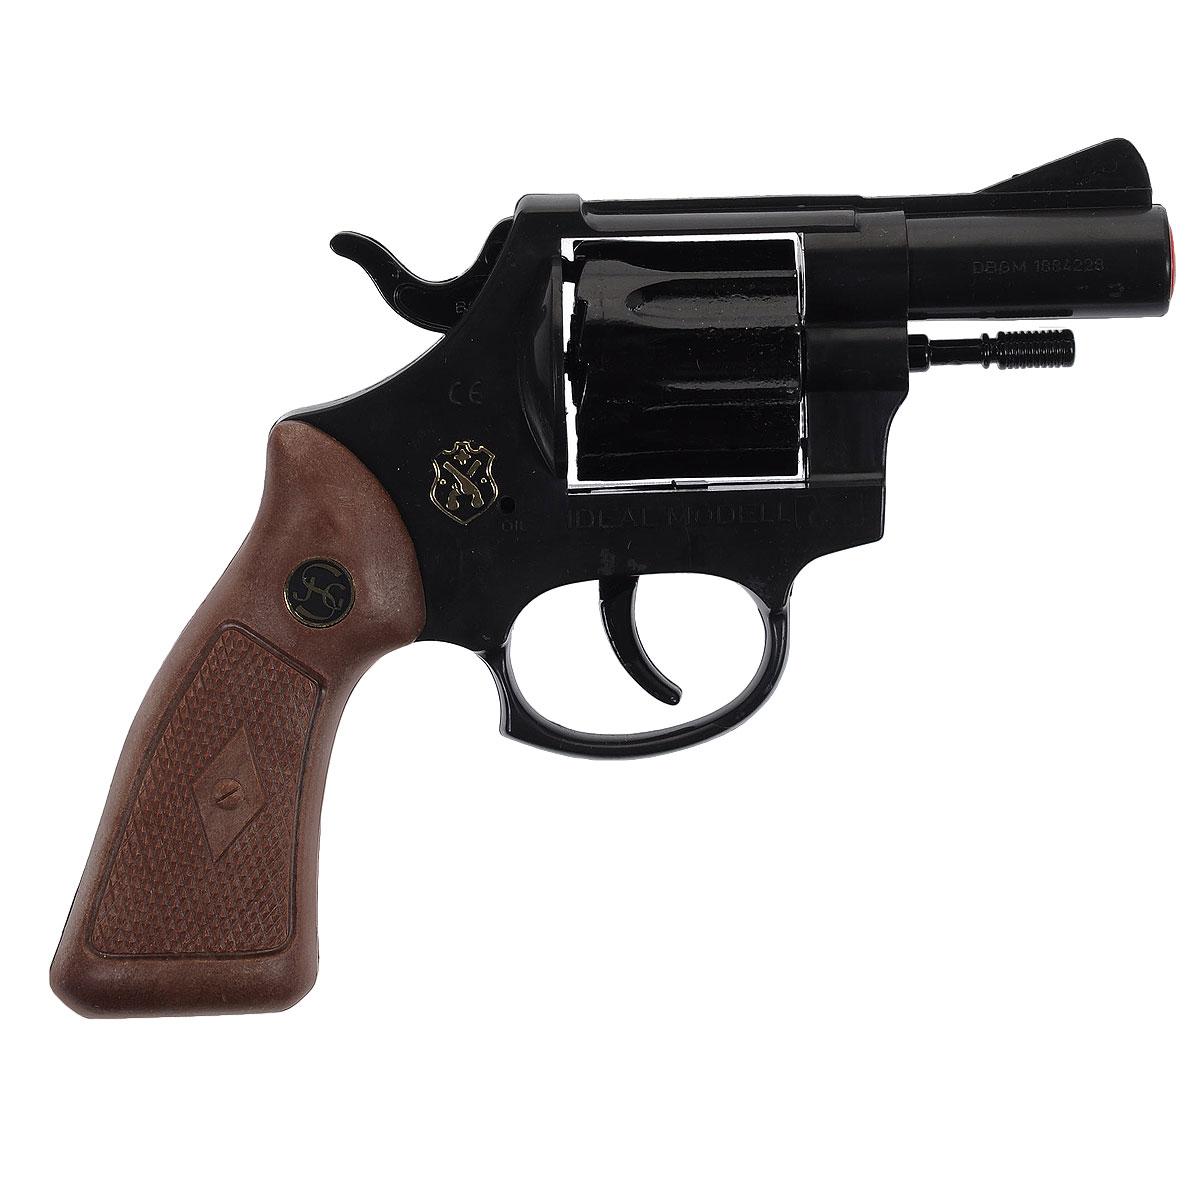 Пистолет Interpol 382020038Пистолет Interpol 38 - Стильный игрушечный 12-зарядный пистолет, мечта любого мальчишки! Этот пистолет выглядит совсем как оружие смелых и отважных полицейских из Интерпола, которые раскрывают самые запутанные дела и ловят самых хитрых преступников Пистолет изготовлен из металла и пластика. стреляет пистонами и имеет 12-зарядный барабан. Немецкая компания Schrodel является признанным производителем игрушек с 1846 года и за это время успела завоевать доверие родителей всего мира.